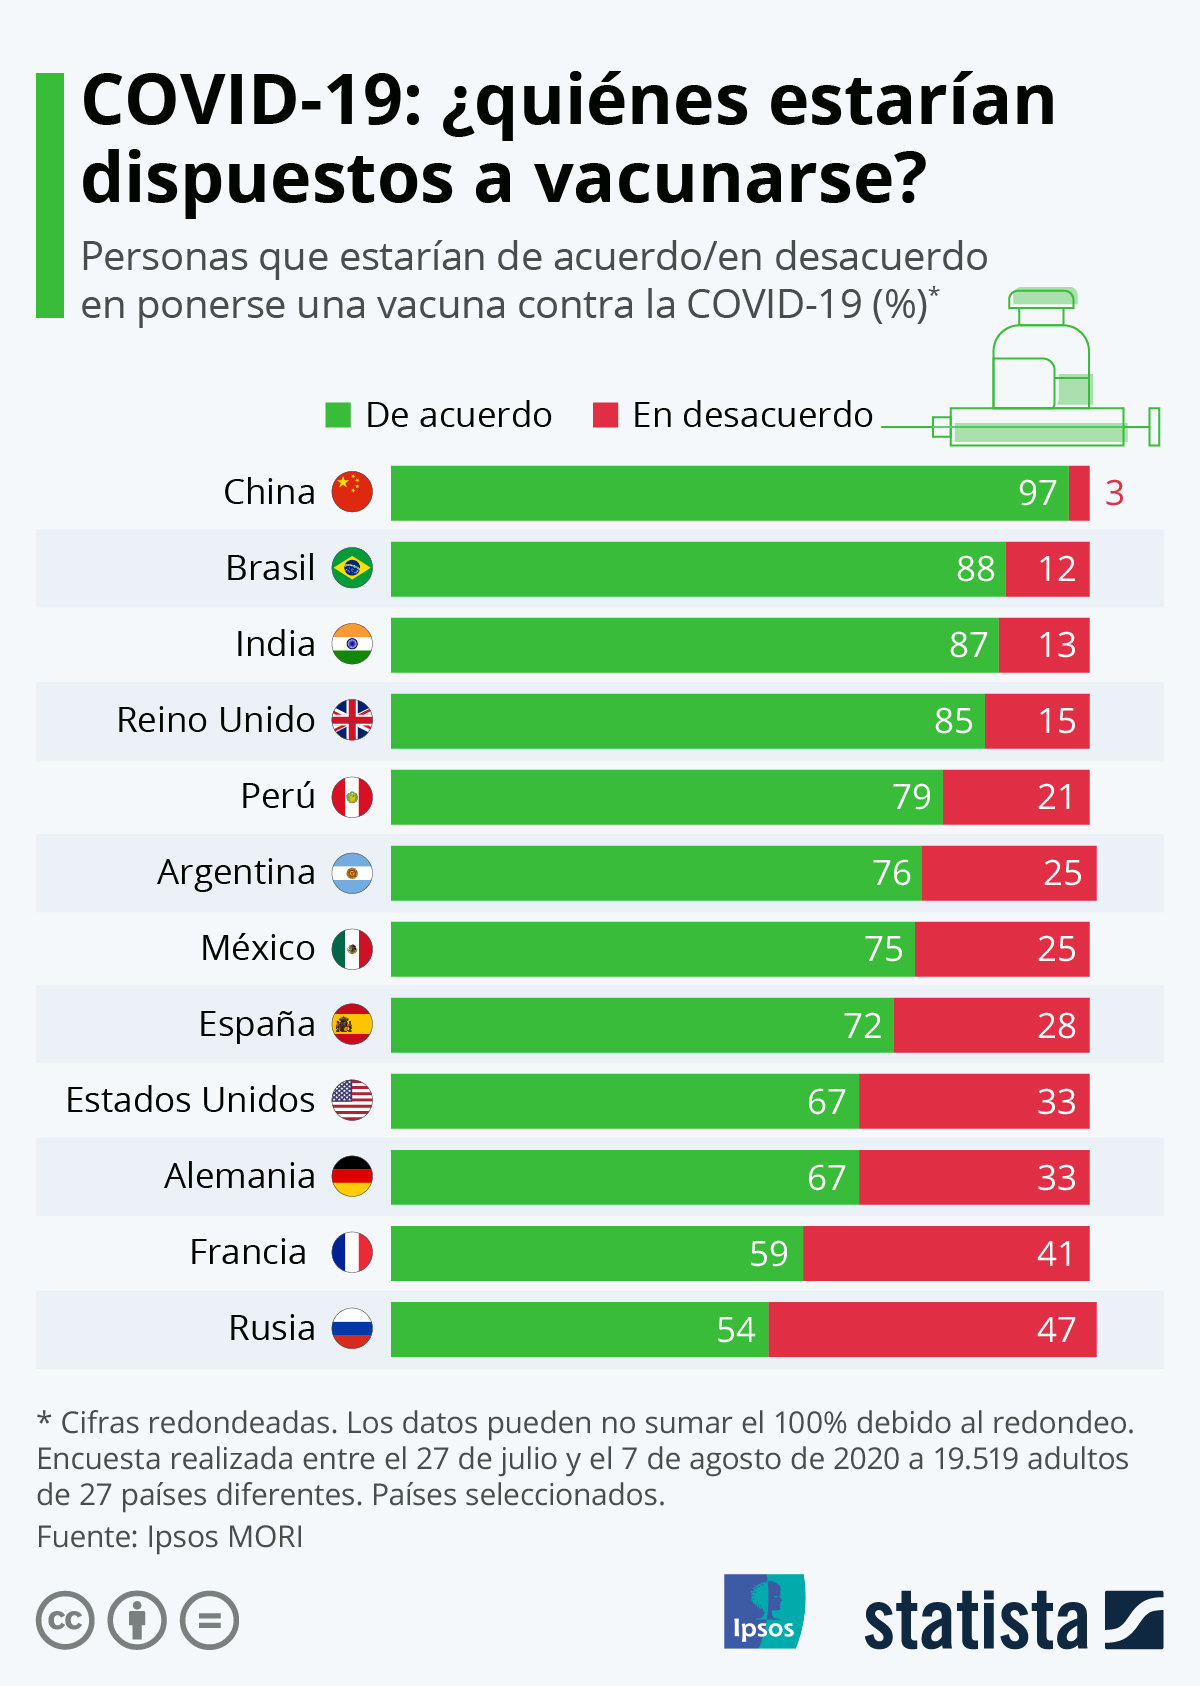 Infografía: COVID-19: ¿quiénes estarían dispuestos a vacunarse? | Statista